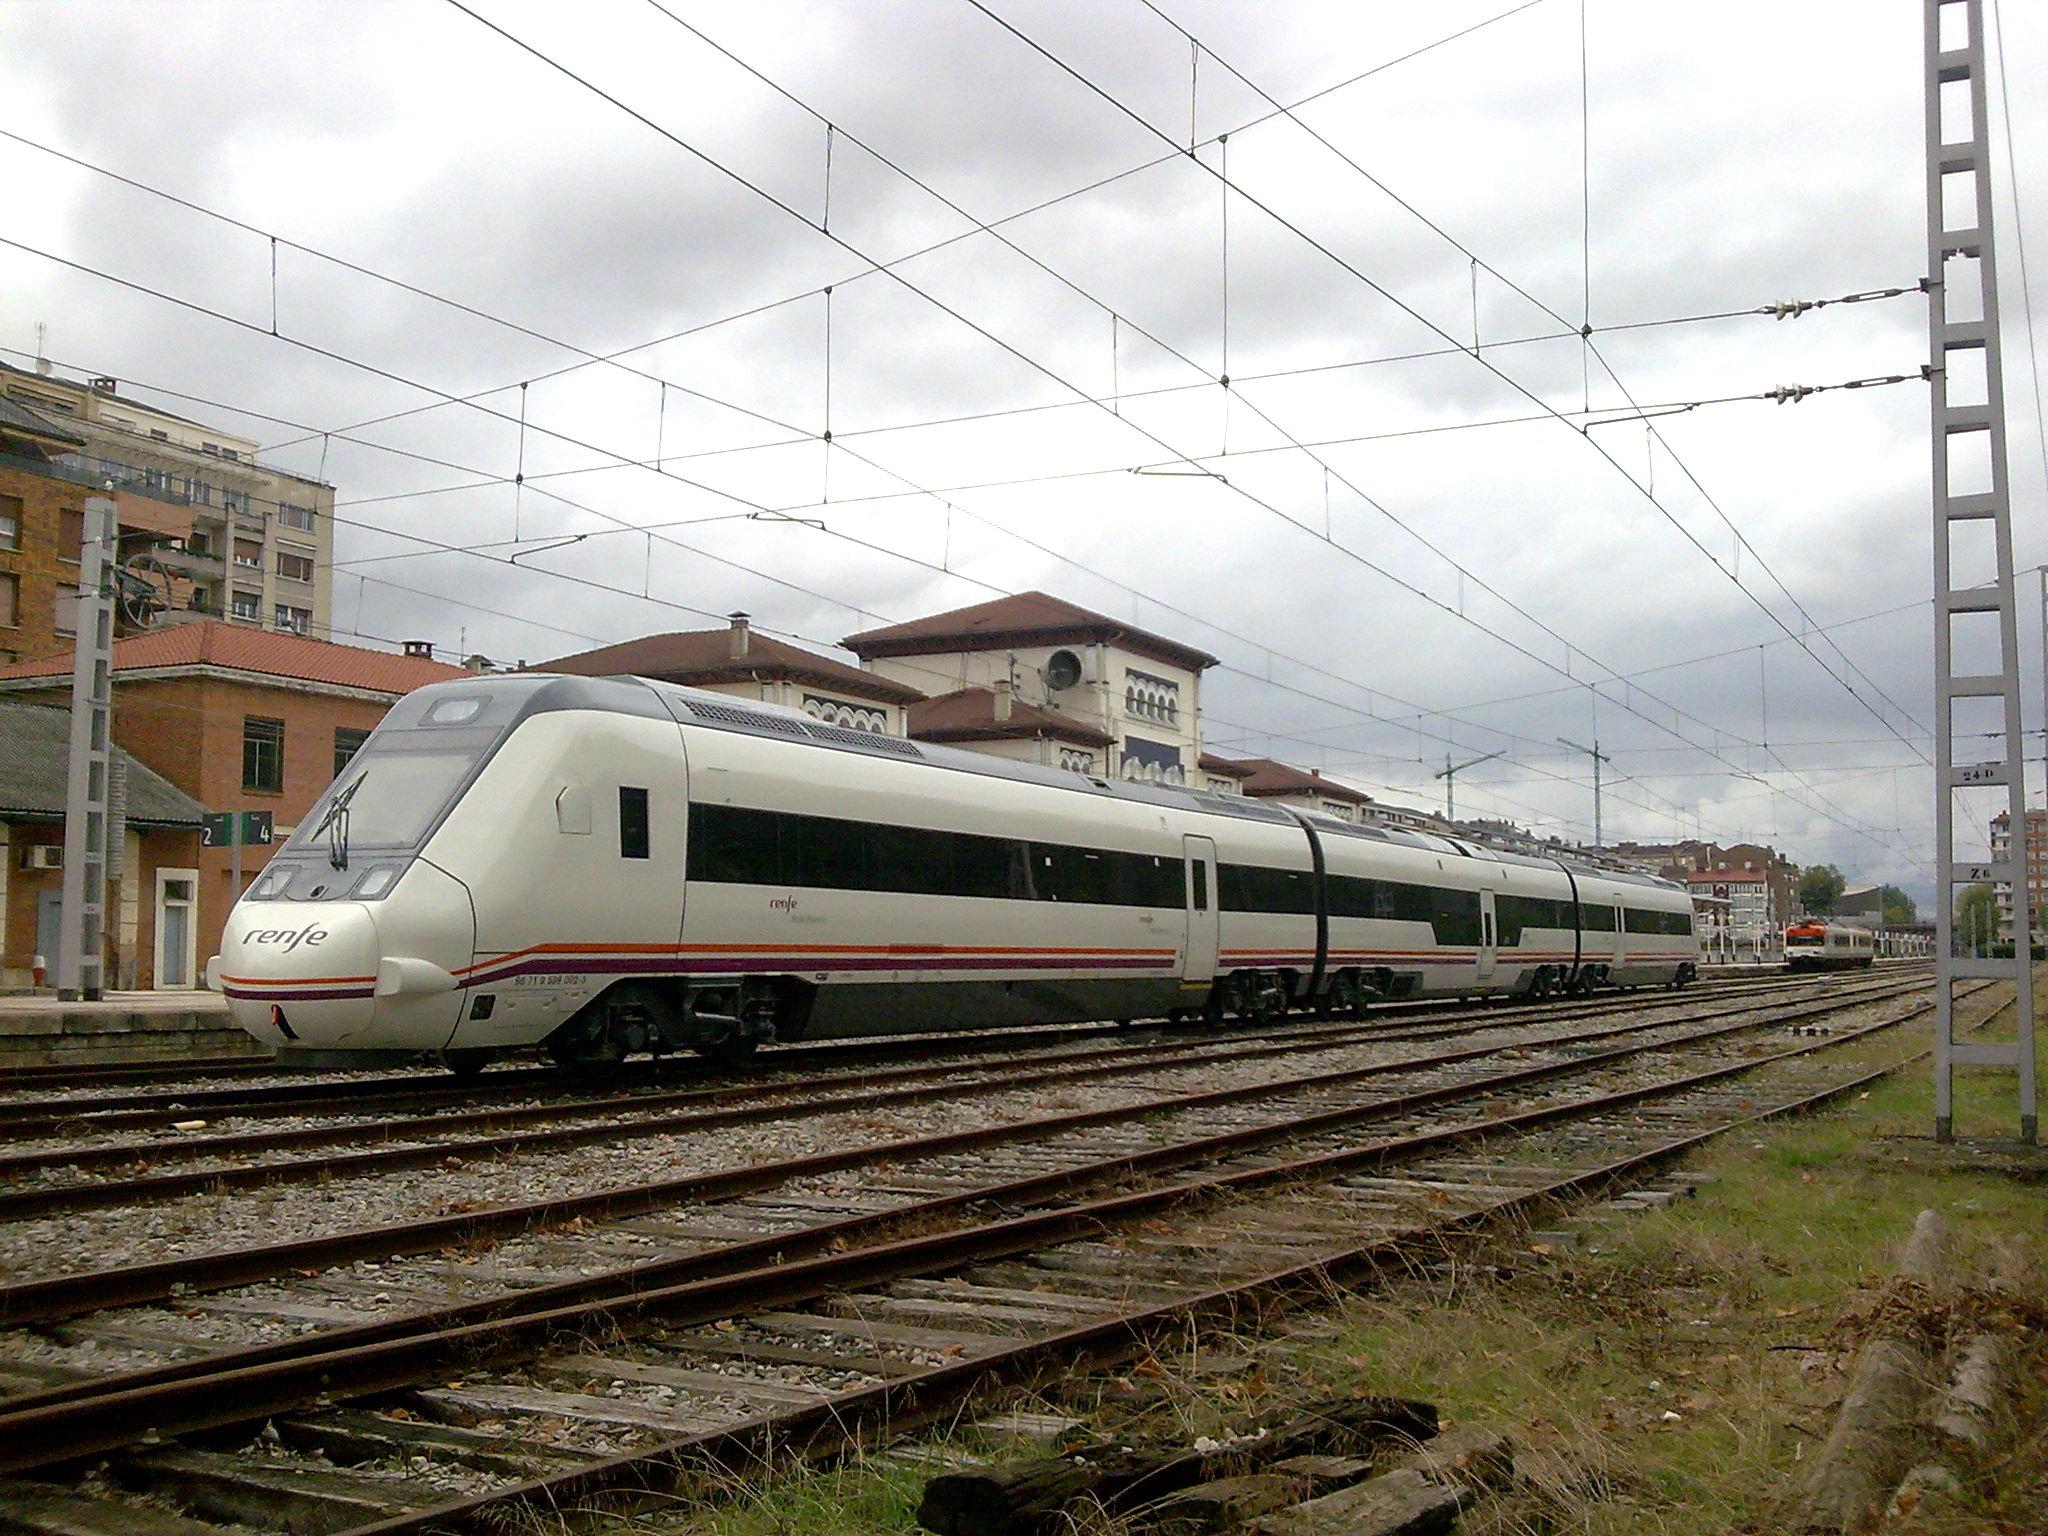 599-001 en el entorno de Vitoria-Gasteiz. Foto: Yrithinnd (Wikimedia).